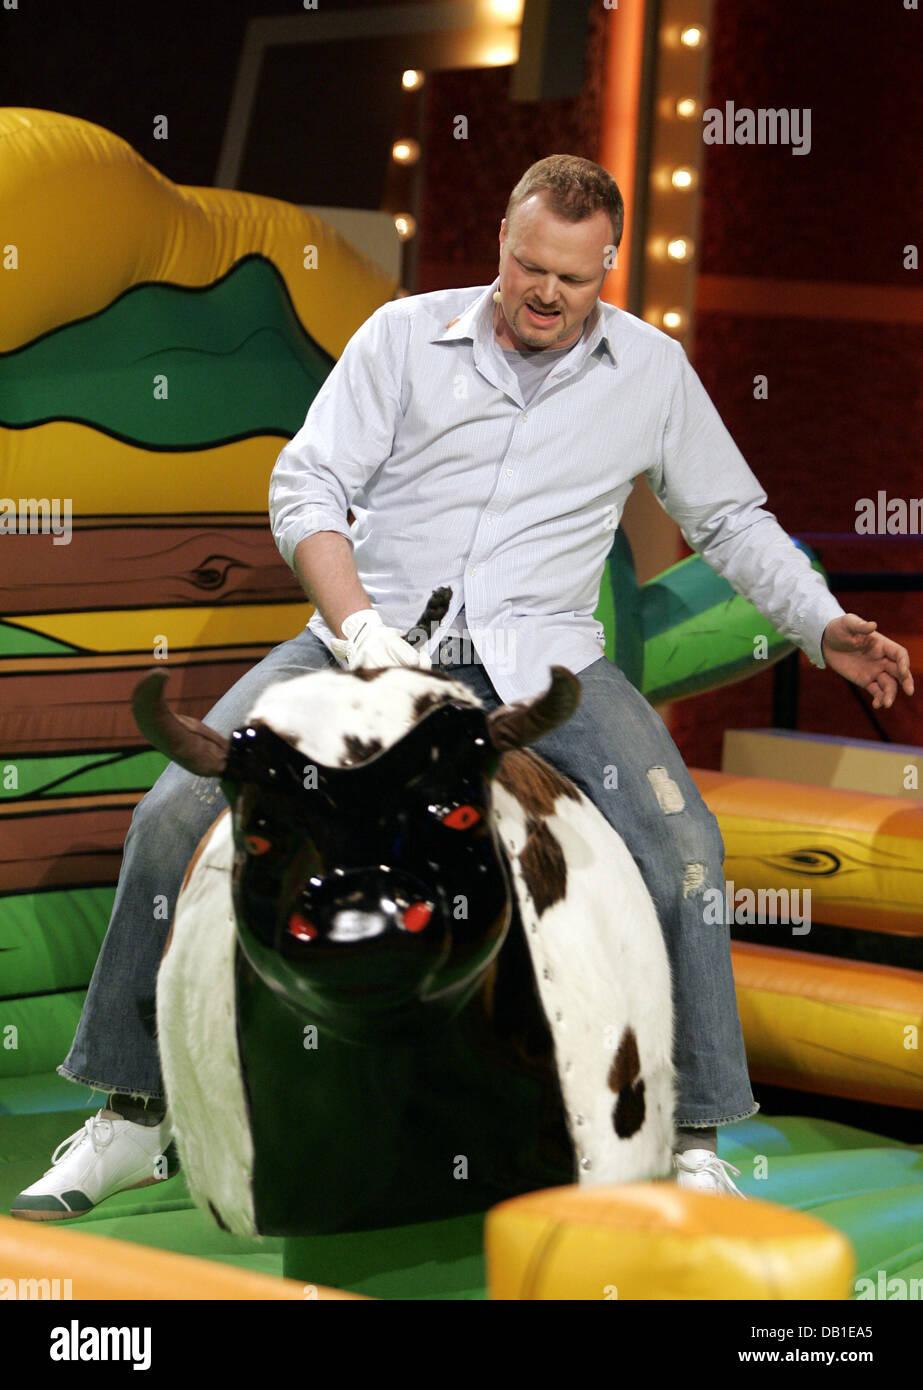 Deutsche Tv Moderator Stefan Raab Nimmt Der Bar Während Eines Spiels